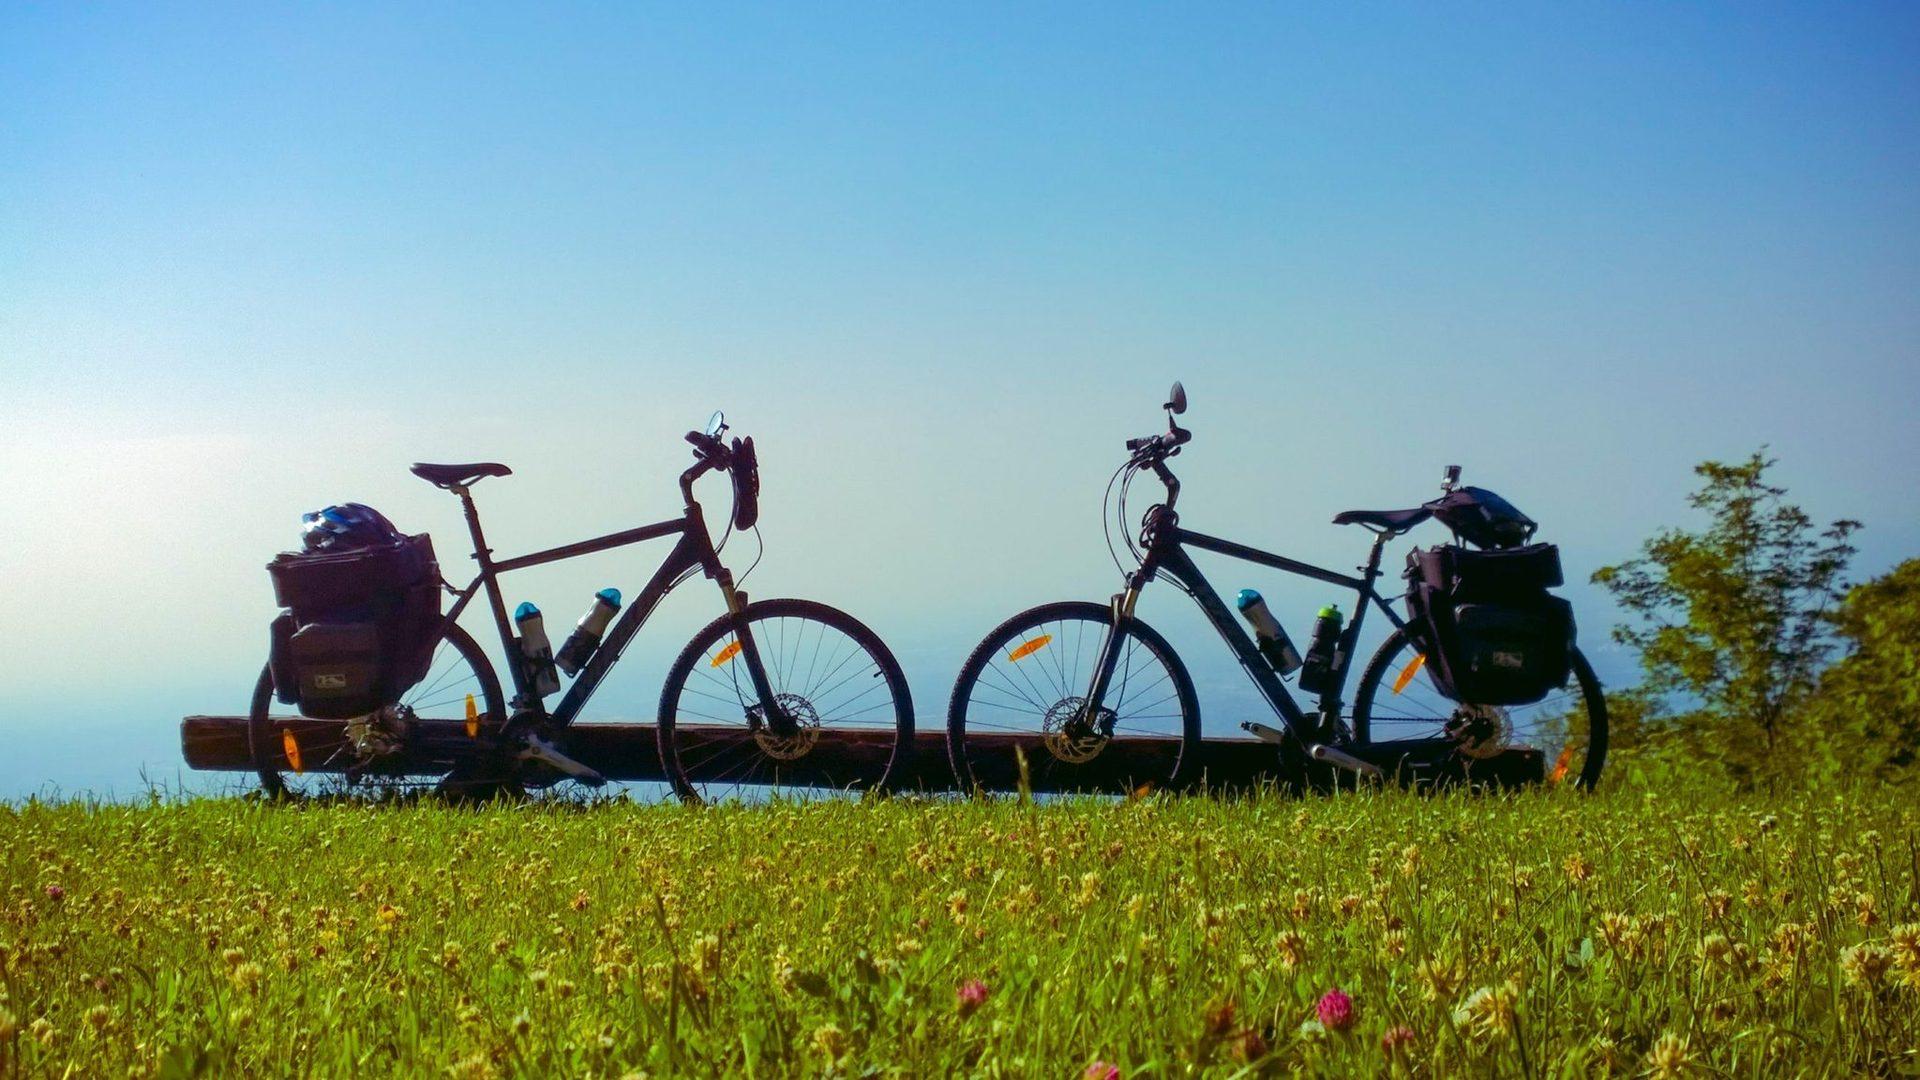 На курорте есть лучший велосипедный центр в Хорватии с тренировочными трассами и курсами, V Sport Point, предлагающий самые привлекательные виды спорта на суше и на море, ежедневную программу Stay Fit, а также отличную ночную жизнь